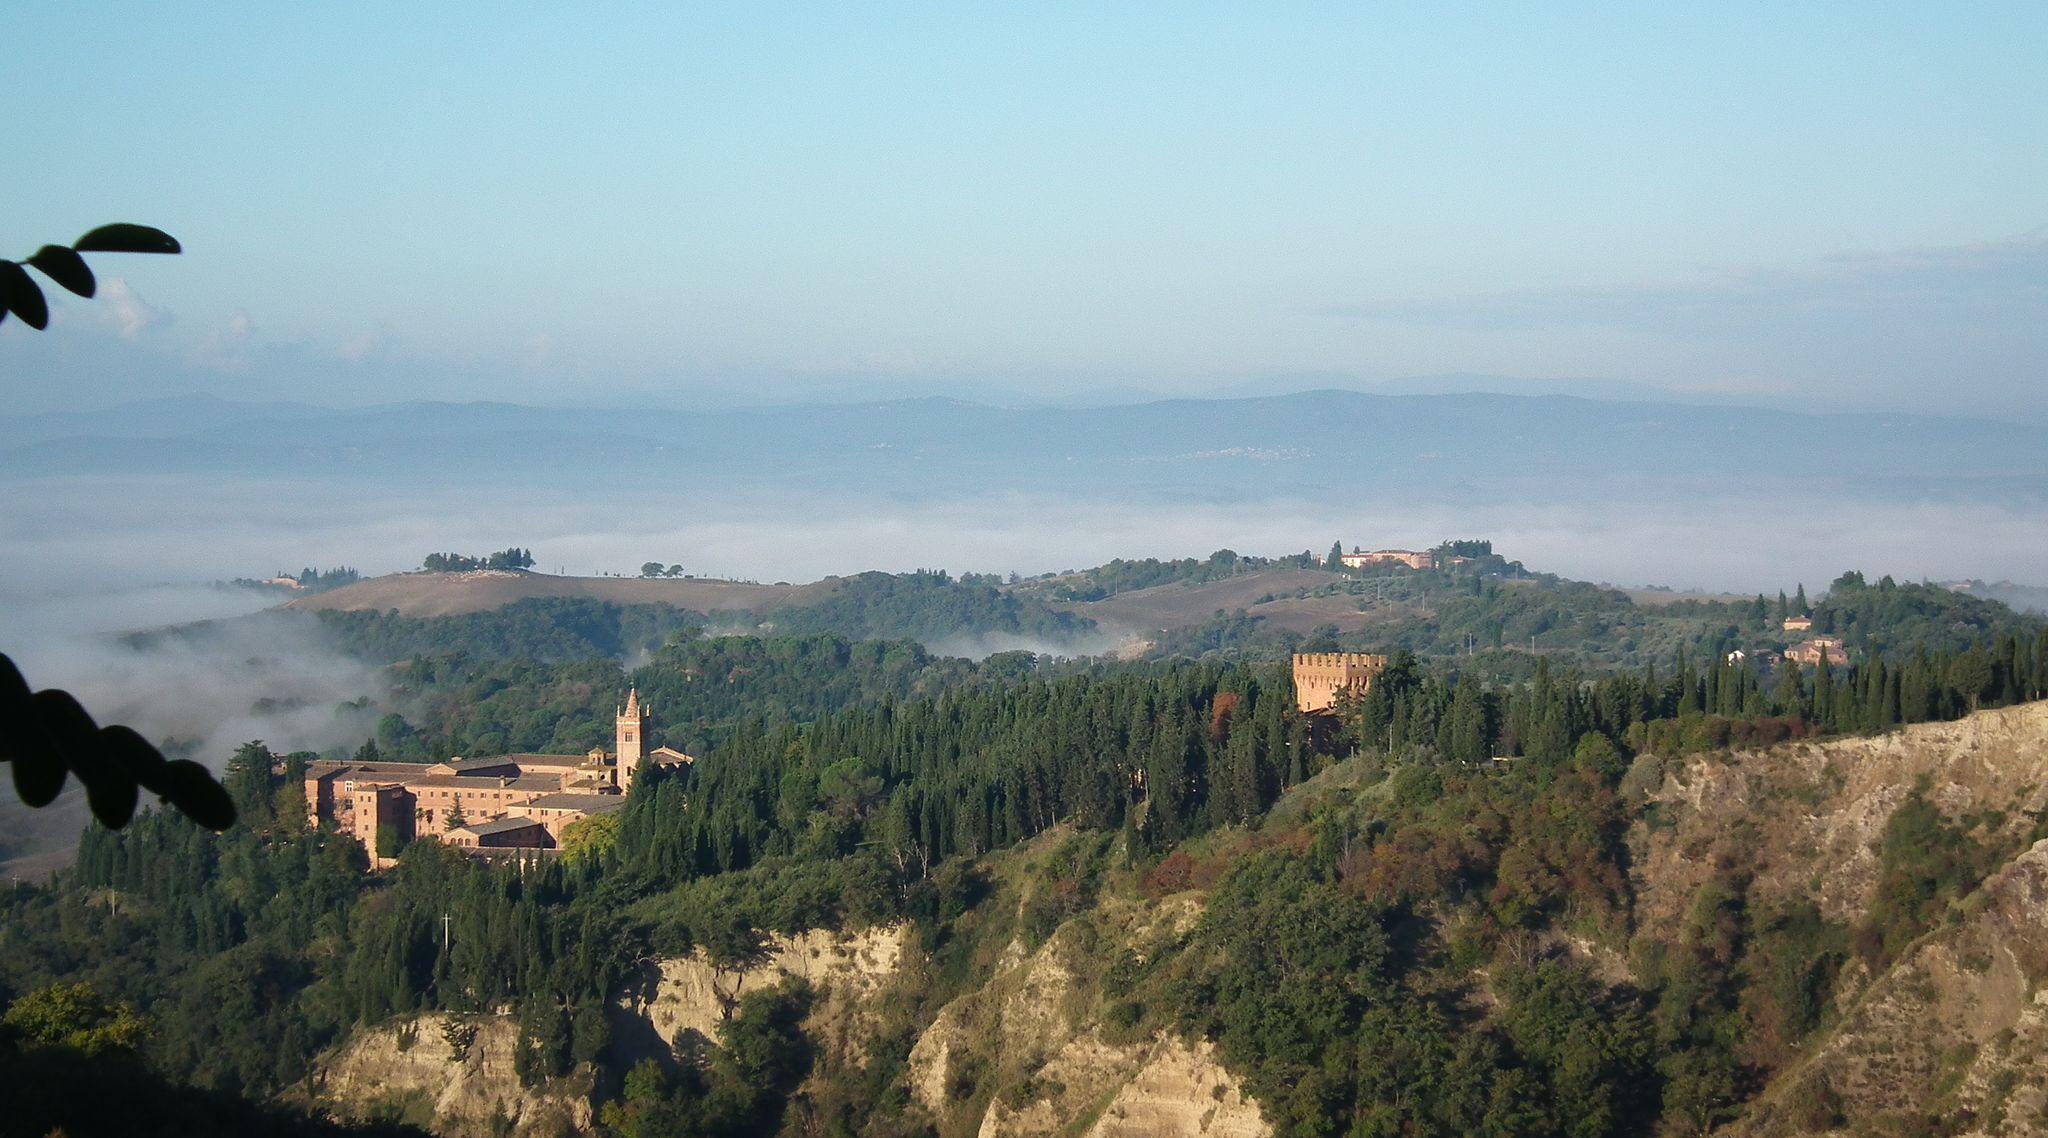 Abbazia di Monte Oliveto Maggiore, Calanchi in the badlands of Accona Desert